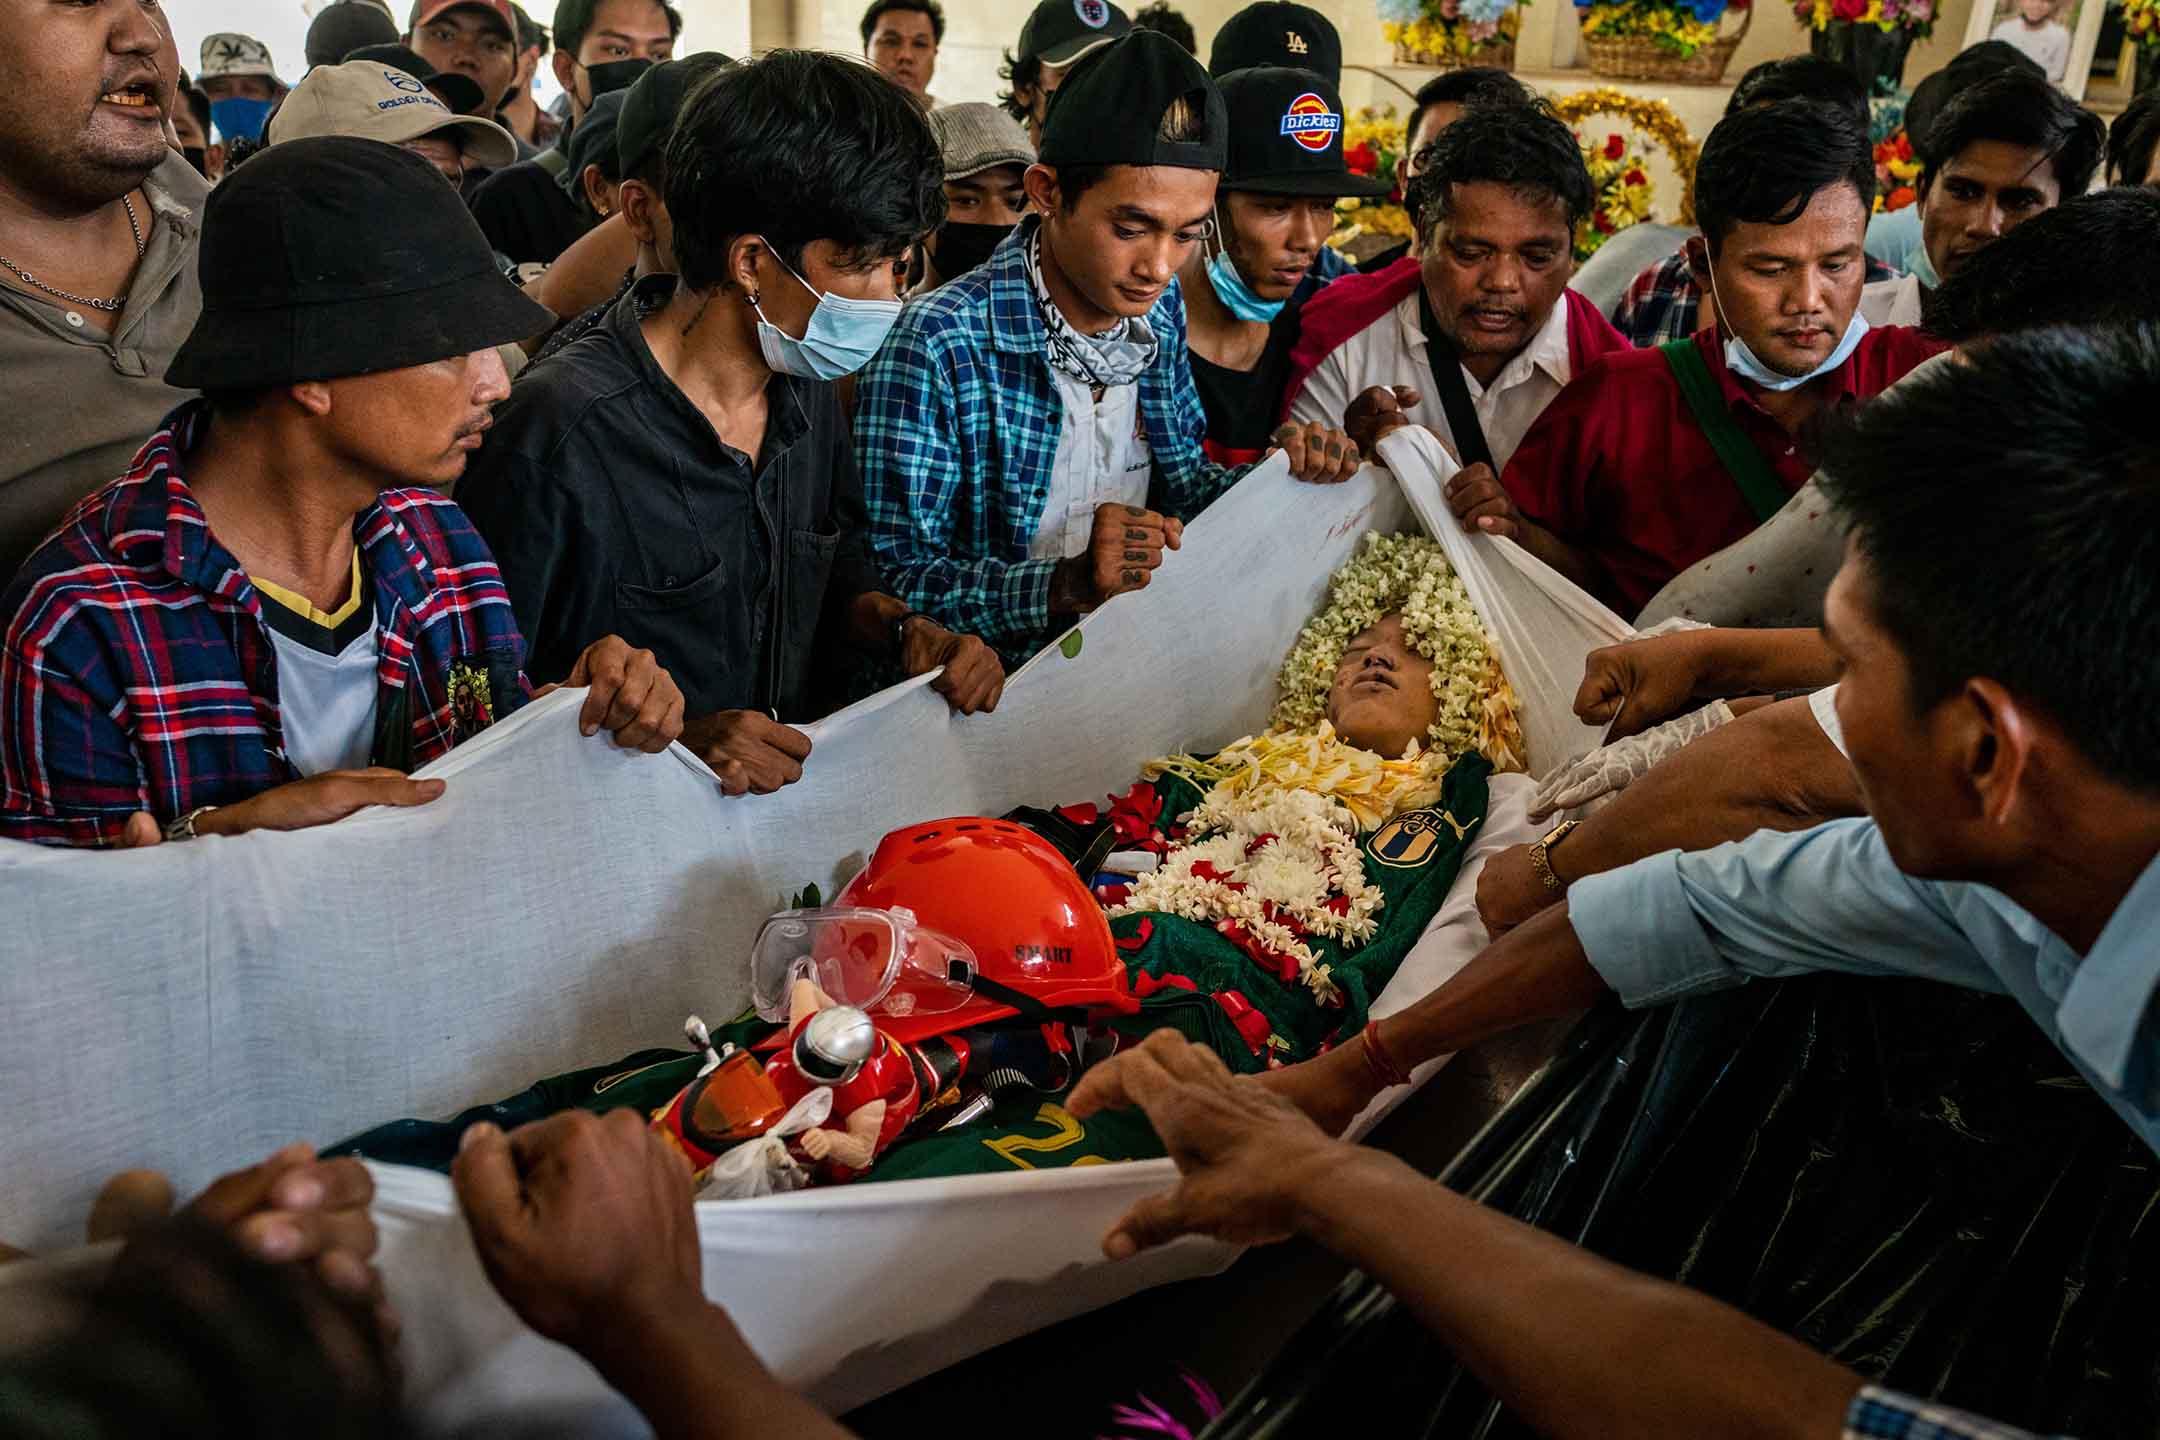 2021年3月21日緬甸仰光,葬禮中Aung Kaung Htet的屍體,他於政府軍向示威者開火時喪生。